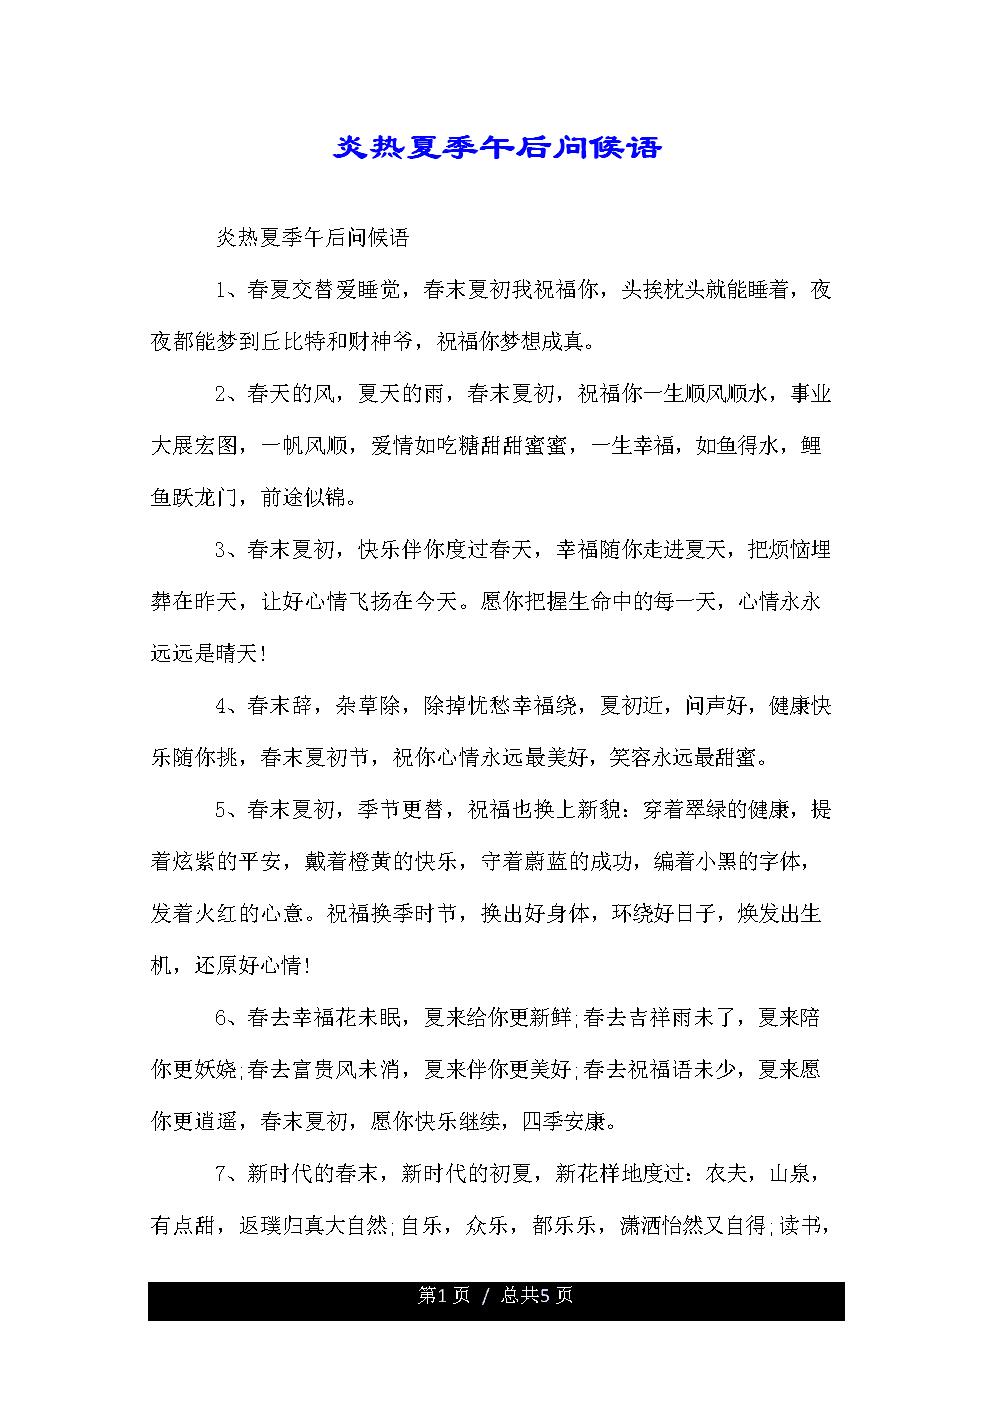 炎热夏季午后问候语.doc